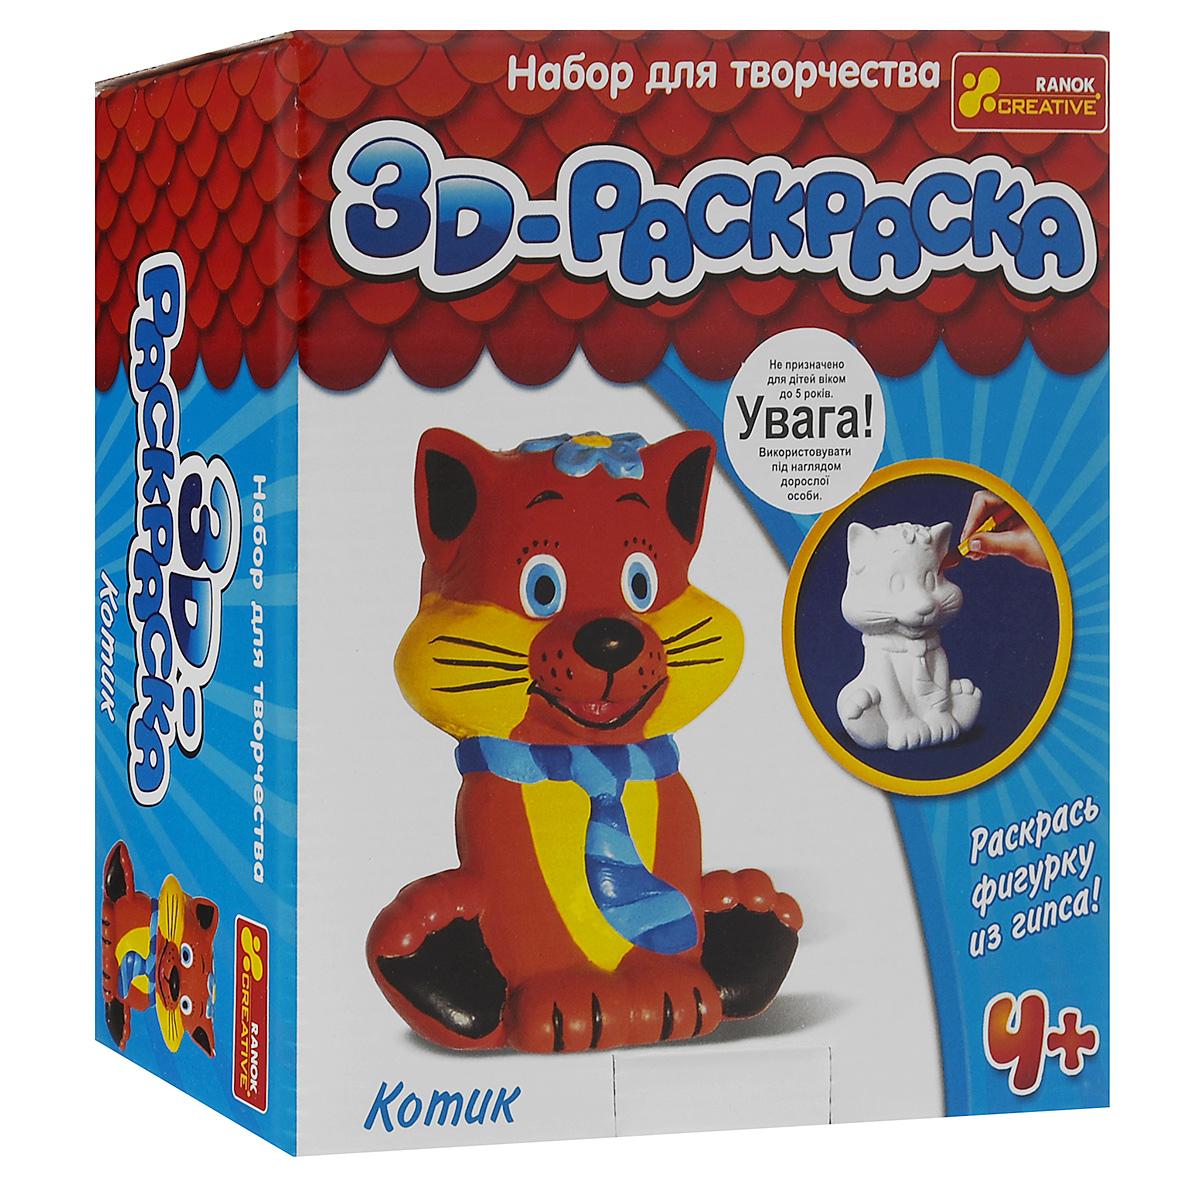 """Набор для творчества Ranok """"3D-раскраска. Котик"""" обязательно порадует малыша и подарит увлекательный досуг. Дети очень любят проявлять свою фантазию, раскрашивая различные рисунки. Вместо обычной раскраски предоставляется возможность раскрасить настоящую игрушку. Гипсовая скульптура """"Котик"""" обретет свои краски, а творческий процесс принесет ребенку истинное удовольствие! 3D-раскраски развивают творческое мышление, фантазию, мелкую моторику рук, внимательность и аккуратность. В набор для творчества """"3D - раскраска. Котик"""" входит: гипсовая фигурка, краски, кисточка. Для детей от 4 лет."""